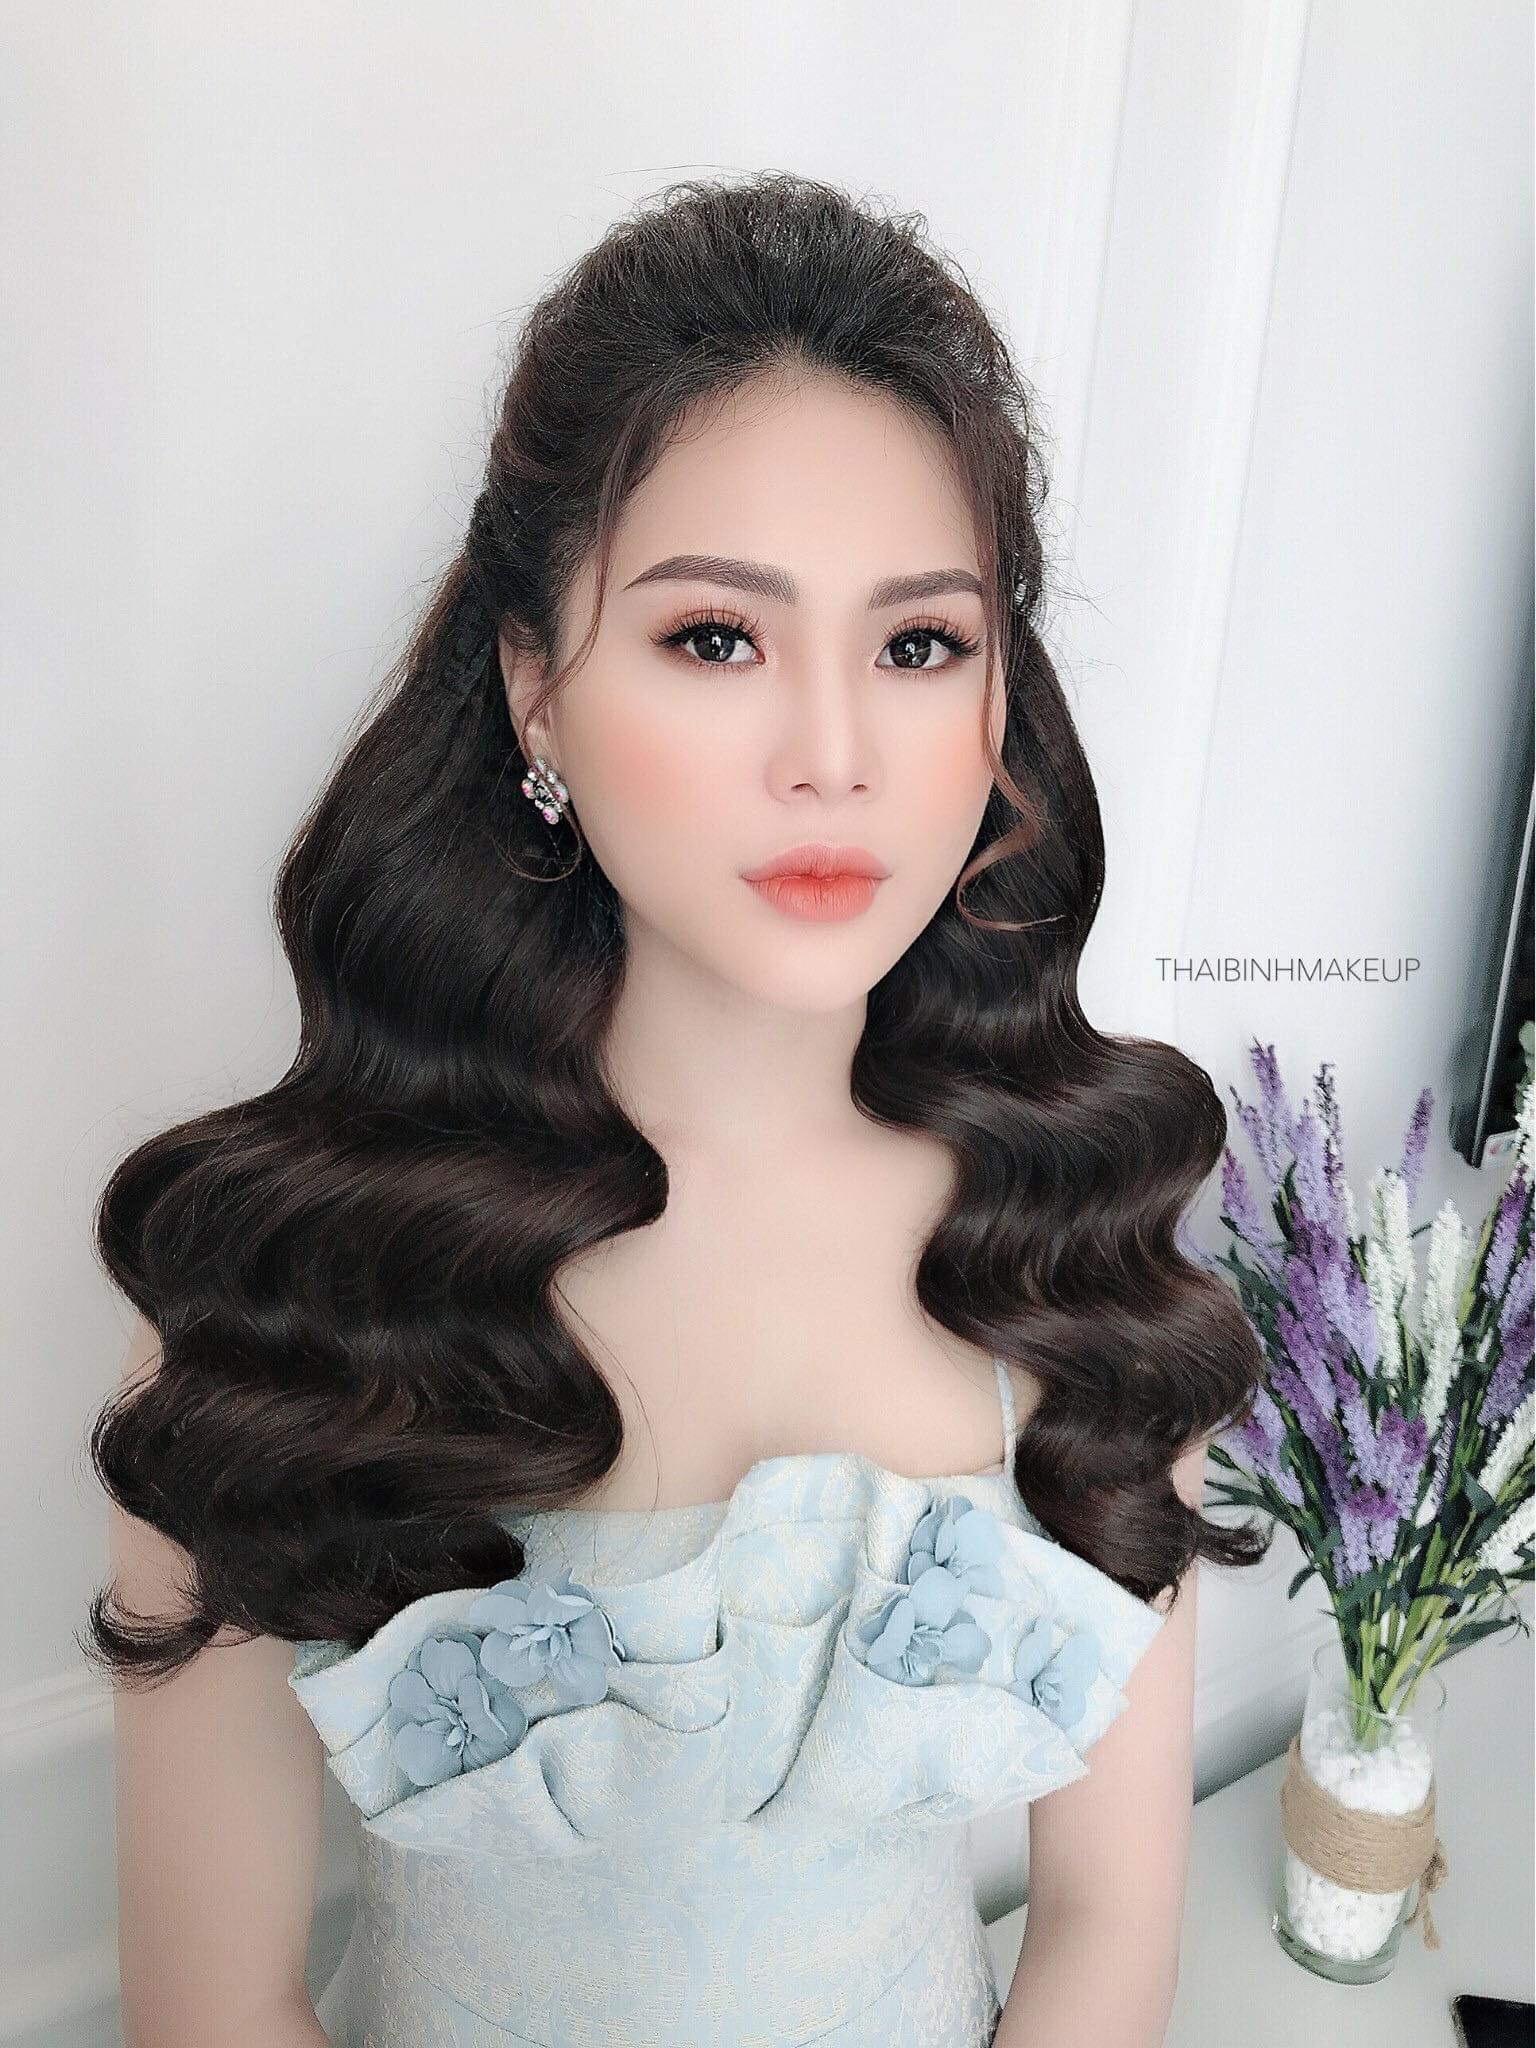 Nguyễn Thị Ngọc Ngân Gấp Rút Chuẩn Bị Cho Nữ Hoàng Tài Năng Và Sắc Đẹp 2019